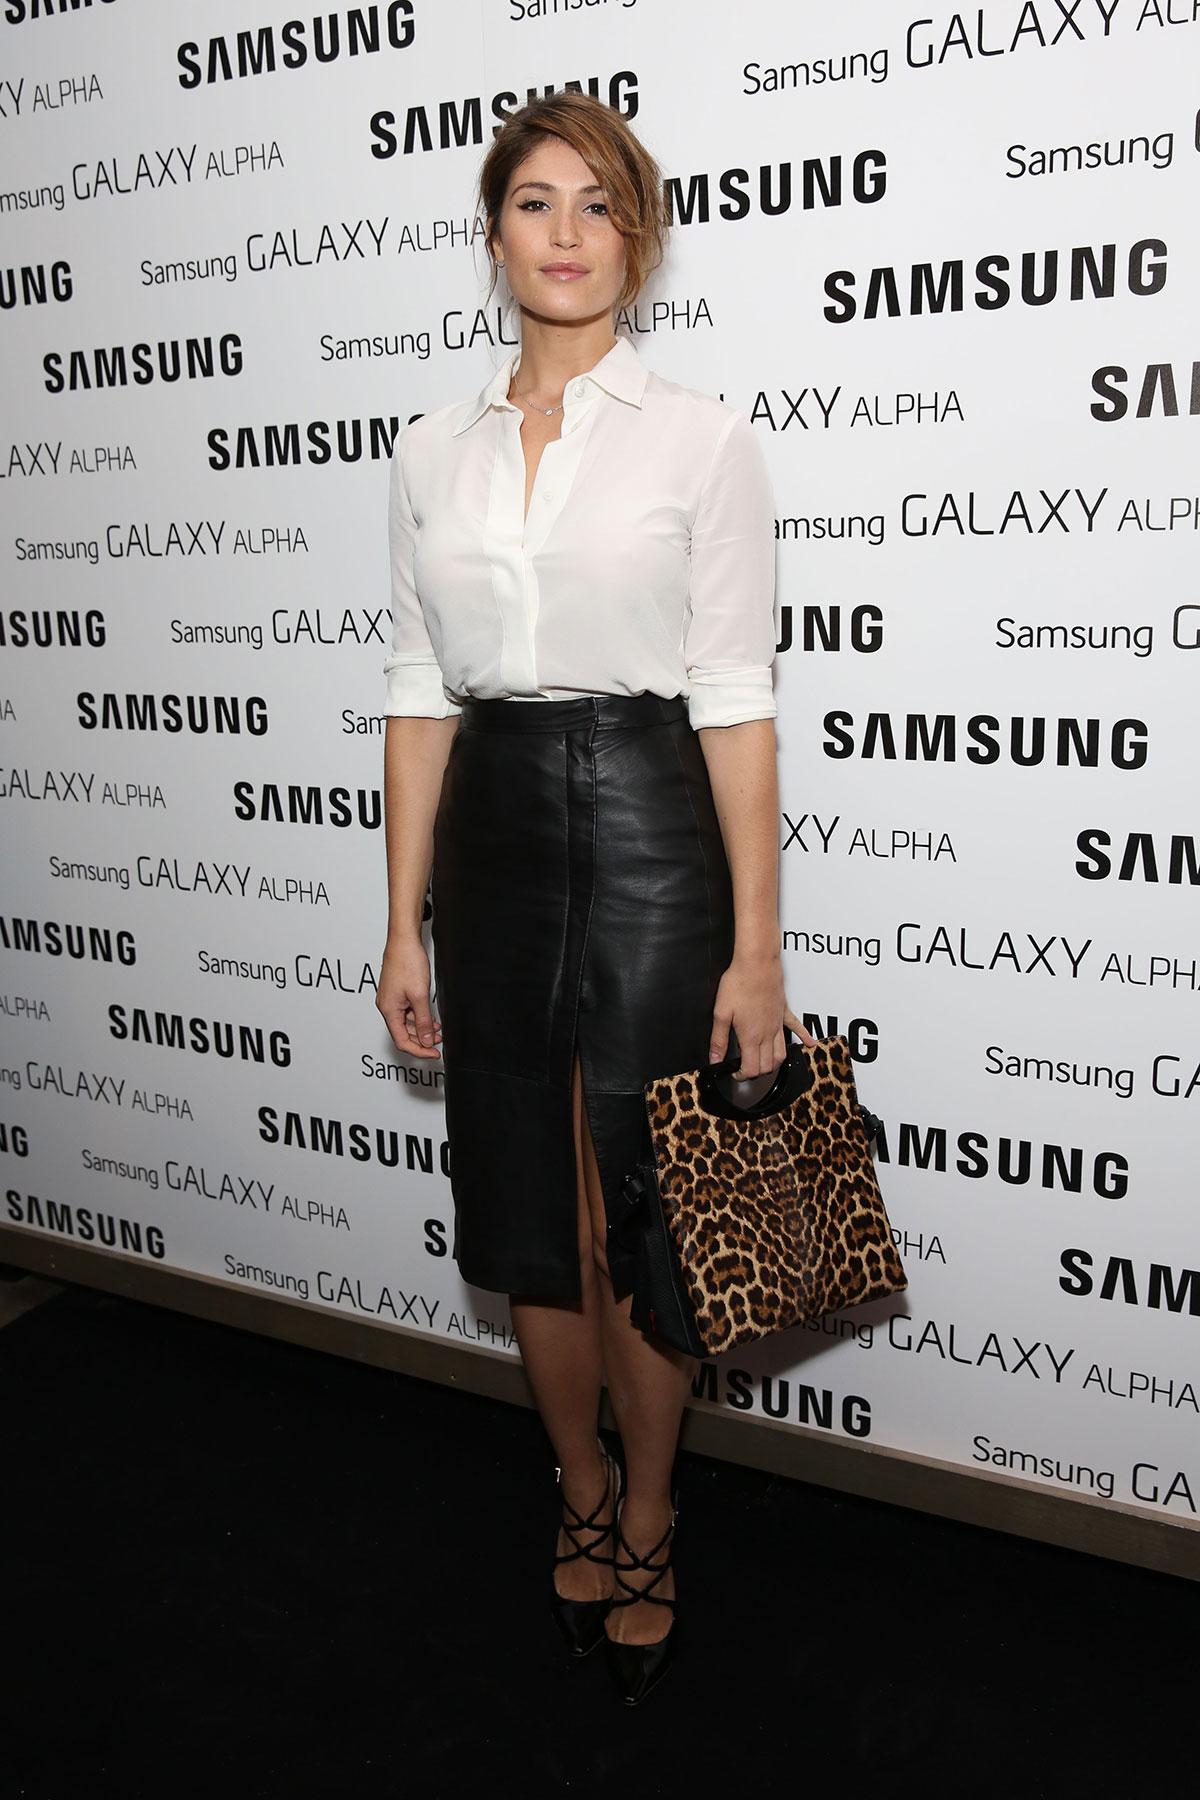 Gemma Arterton attends Samsung Galaxy Alpha Launch party